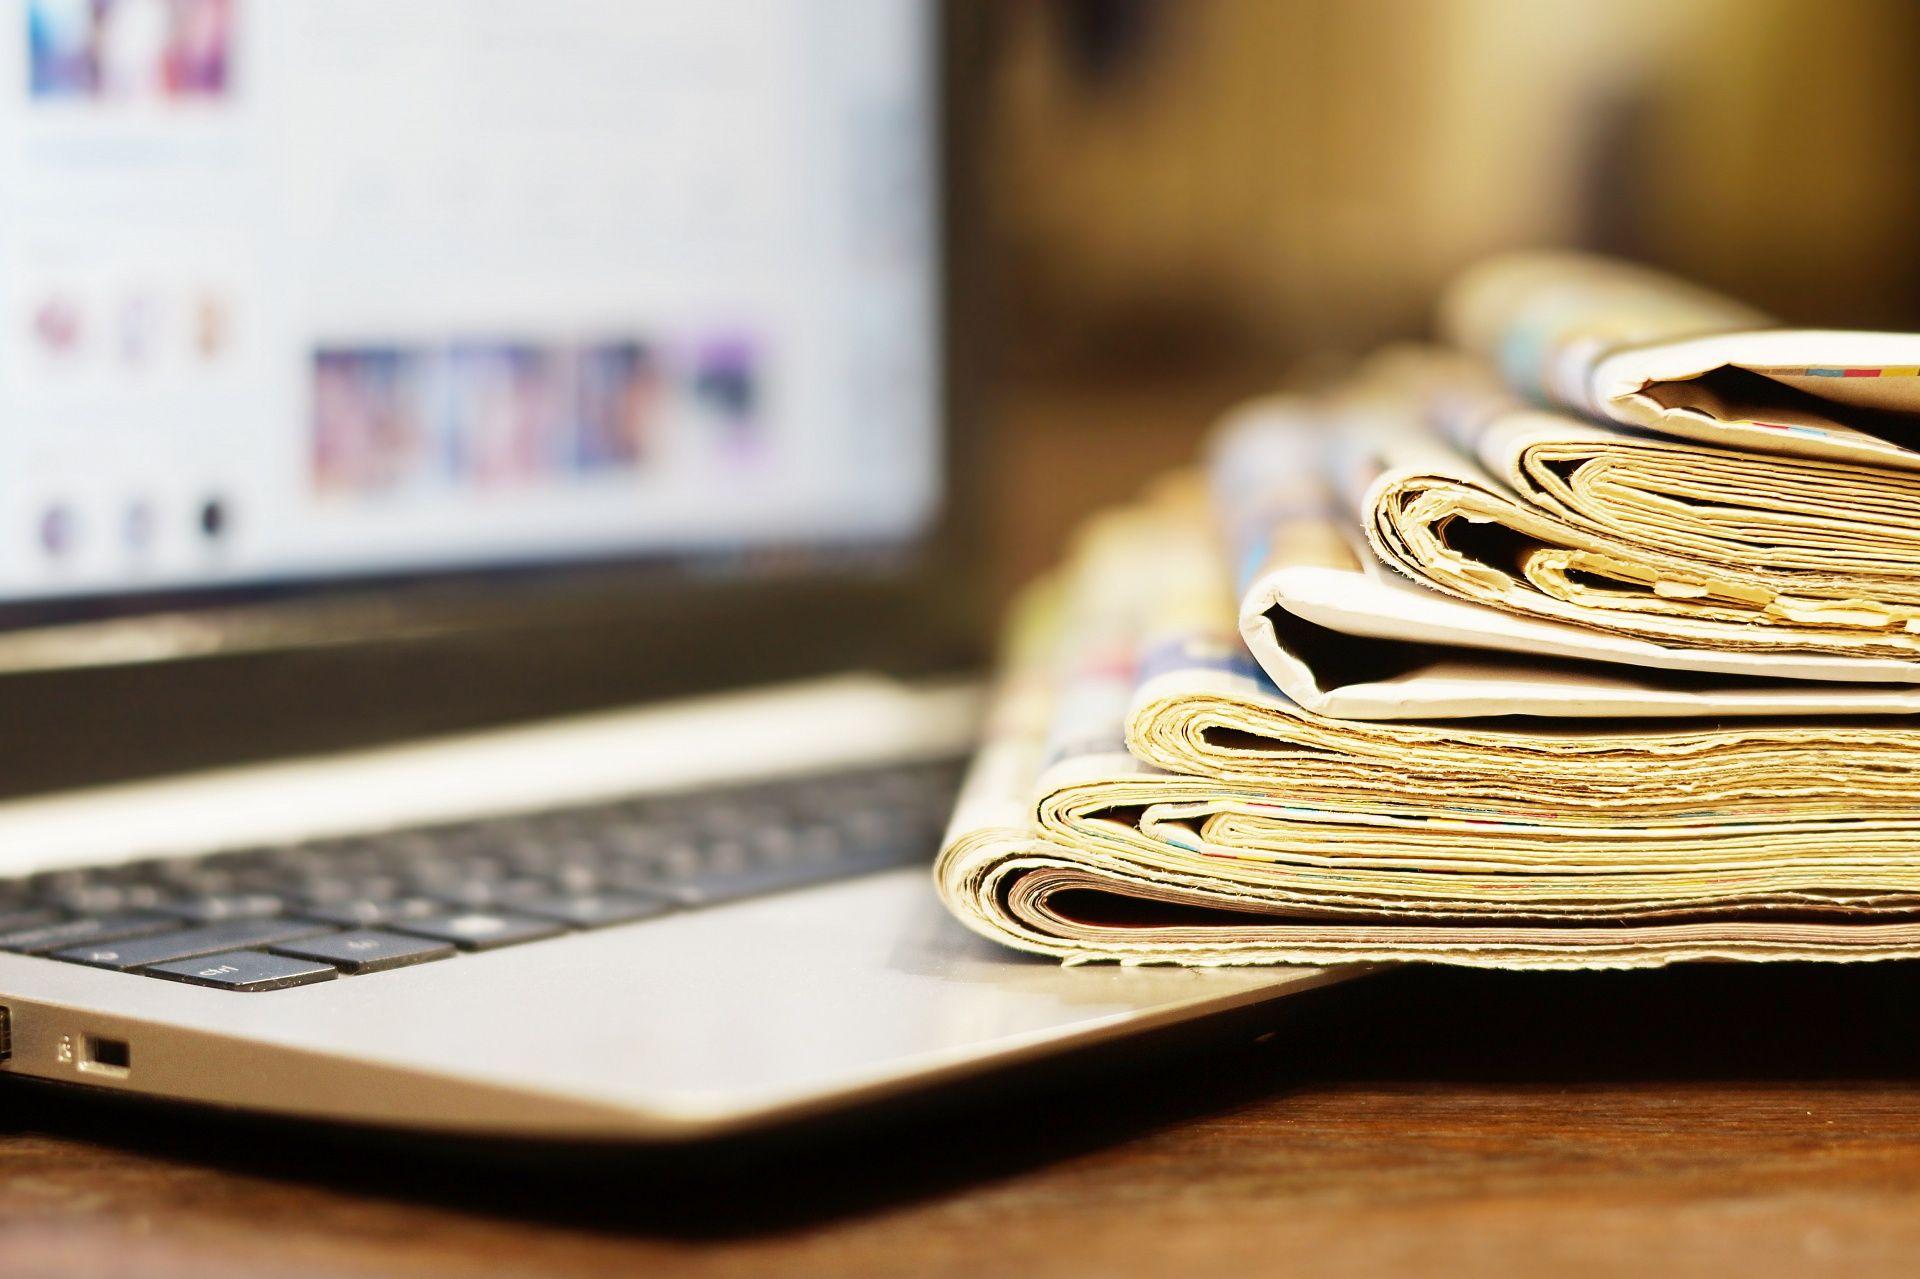 Ноутбуки для ветеранів, «репресований» Медведчук та паски від мера – як джинсували регіональні ЗМІ. Аналітичний звіт за травень 2021 року